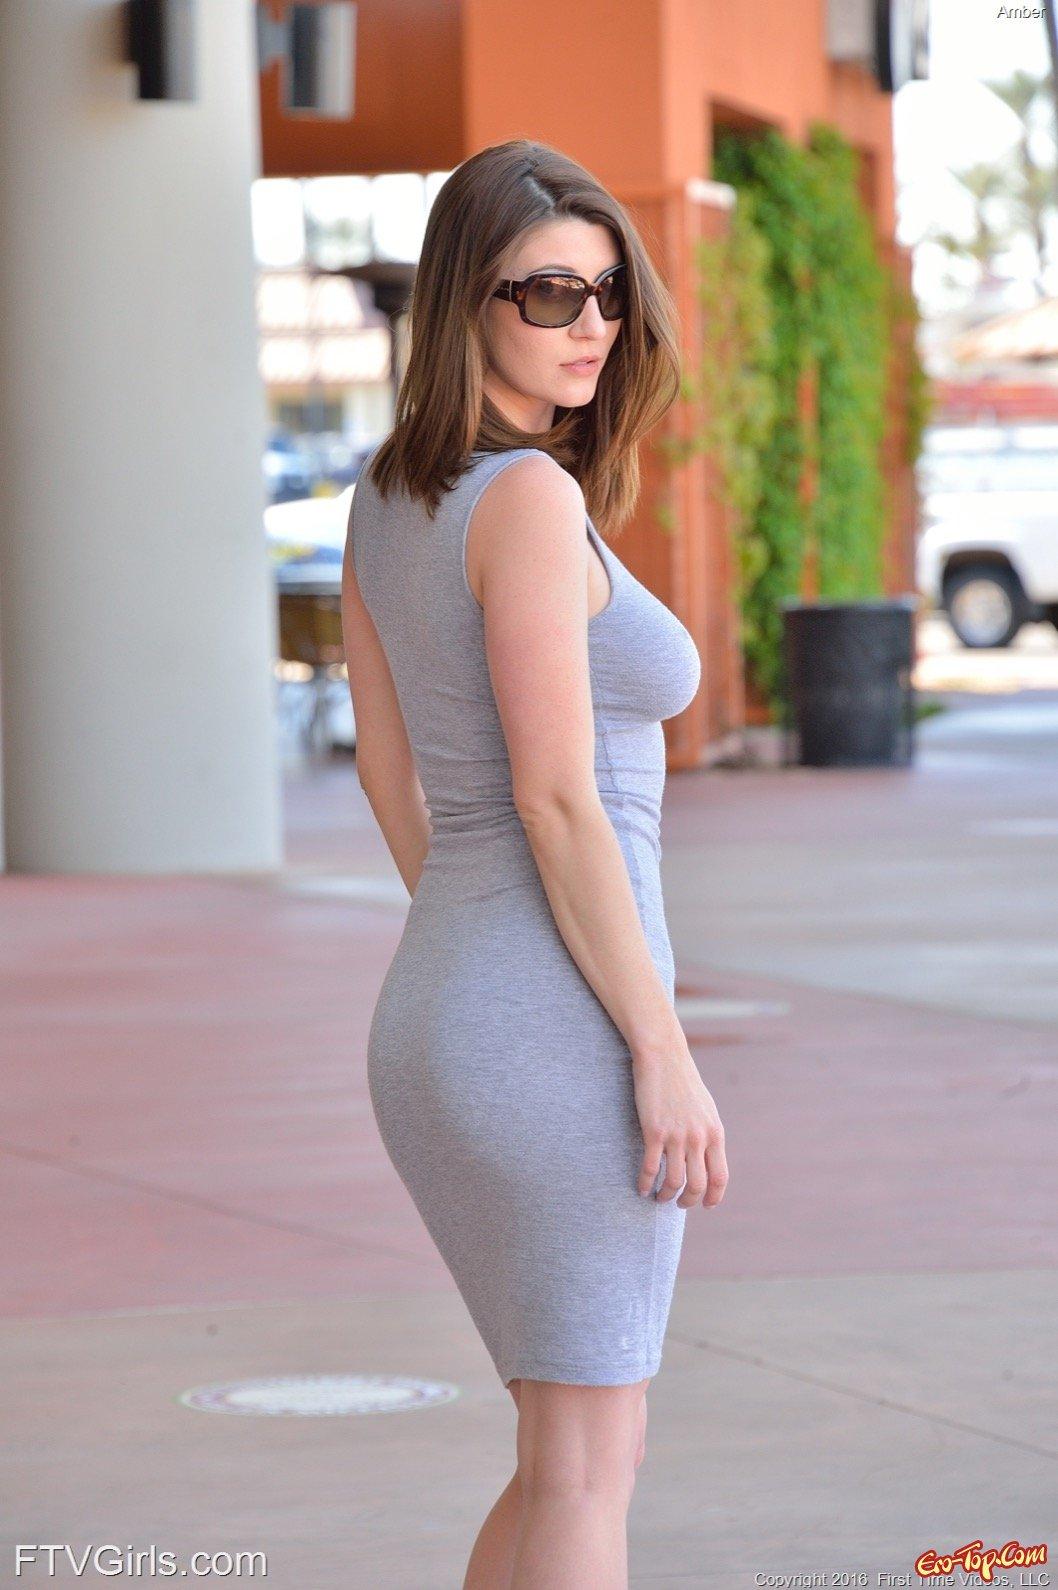 Милая женщина в платье без белья оголилась на улице